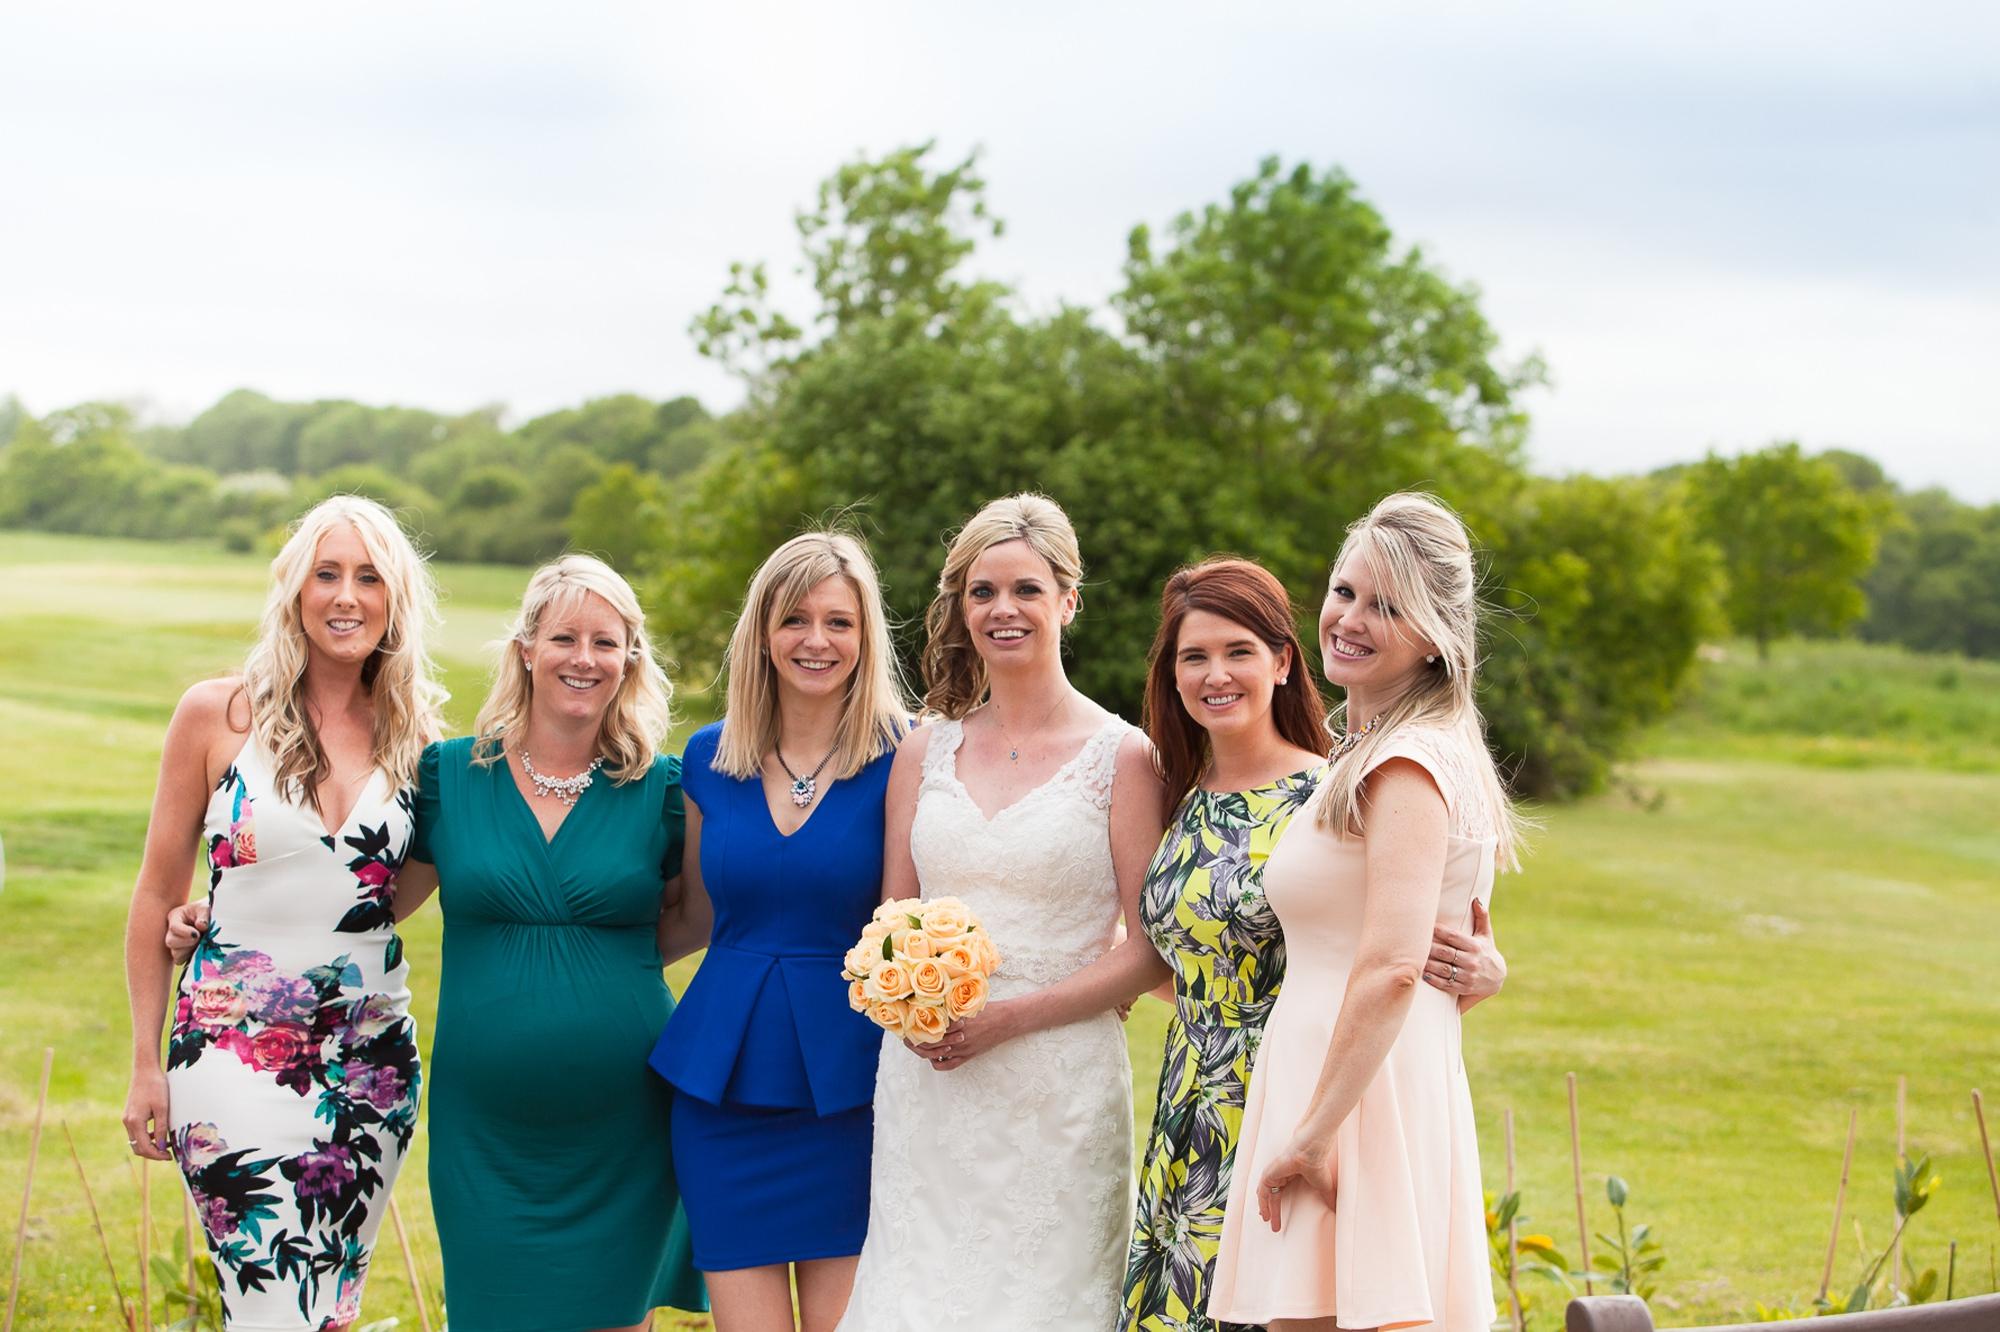 farleigh-golf-club-wedding-8